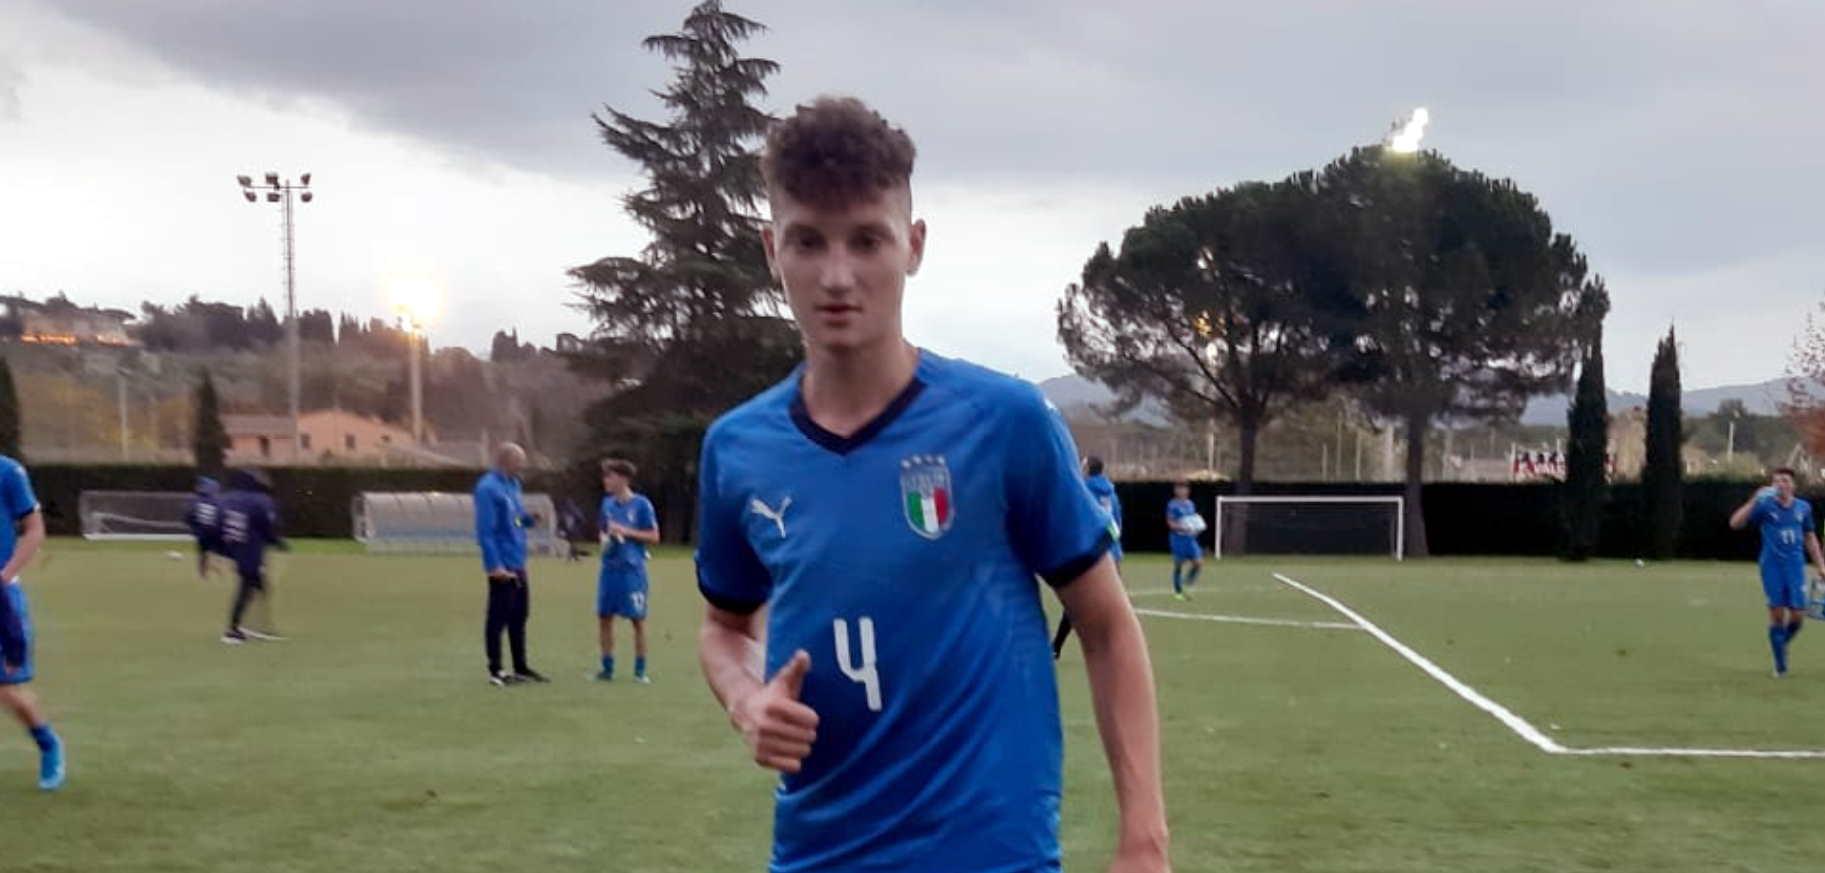 vincenzo farucci italia under 17 azzurro 23 11 2019 slide